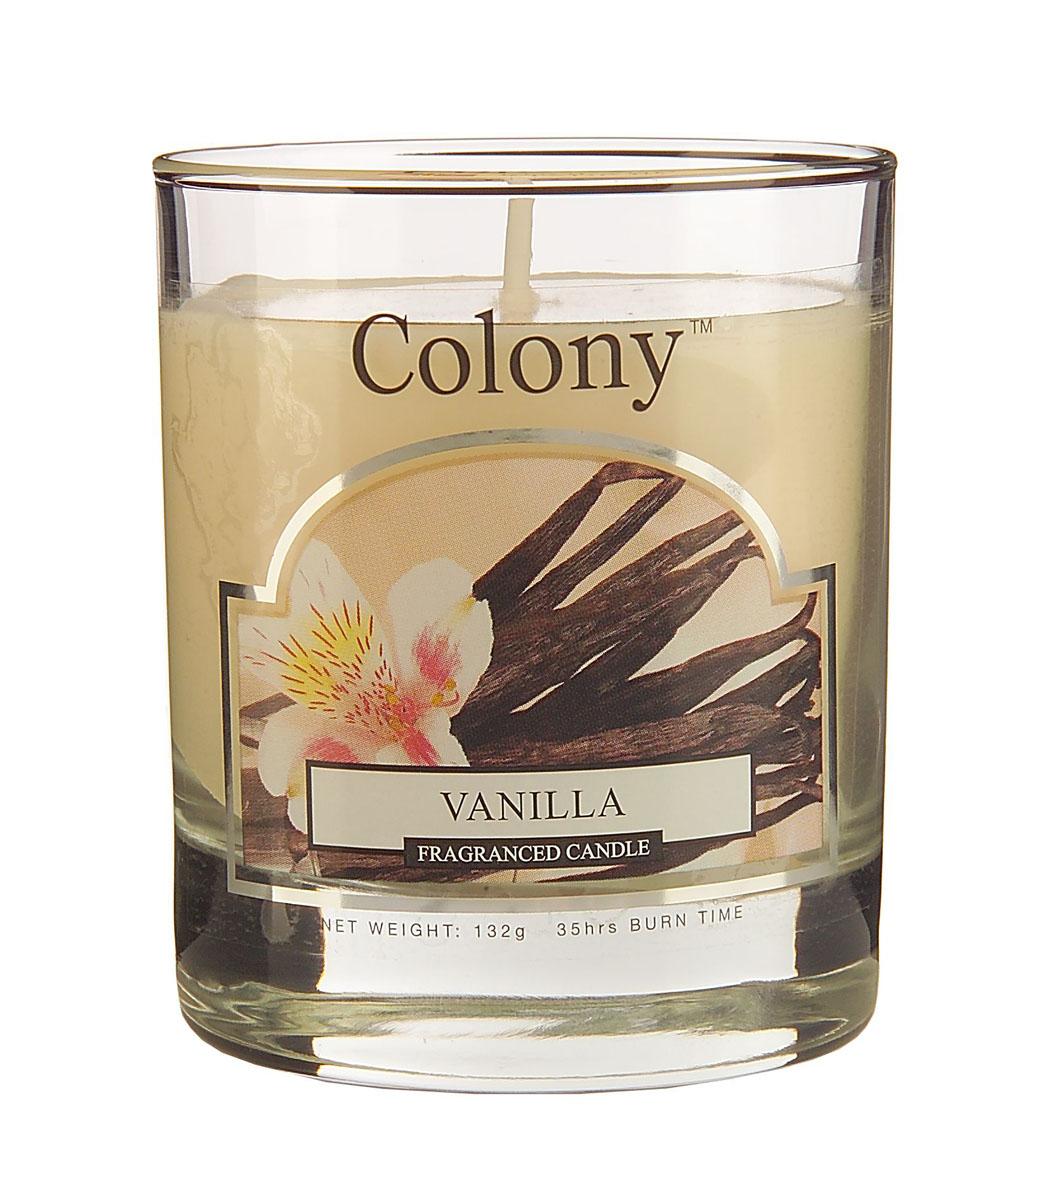 Wax Lyrical Ваниль ароматизированная свеча в стекле малая, 35 часовFS-91909Сочетание ароматов стручковой ванилии миндаля наполняет пространство стладким запахом сливочных конфет. Уважаемые клиенты! Обращаем ваше внимание на возможные изменения в дизайне упаковки. Поставка осуществляется в зависимости от наличия на складе.